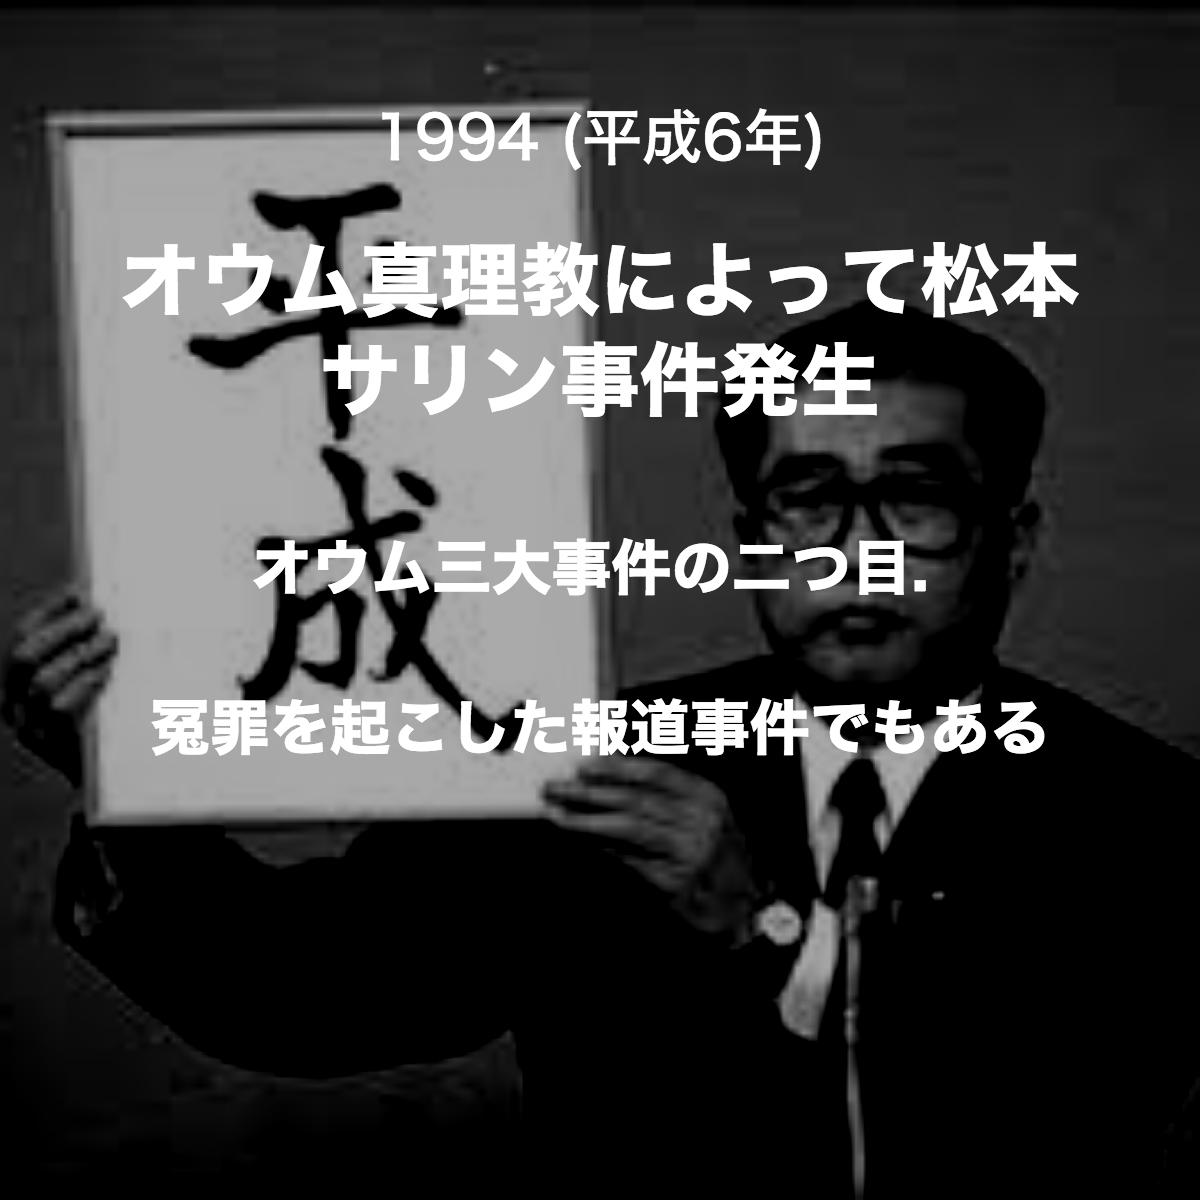 松本 サリン 事件 冤罪